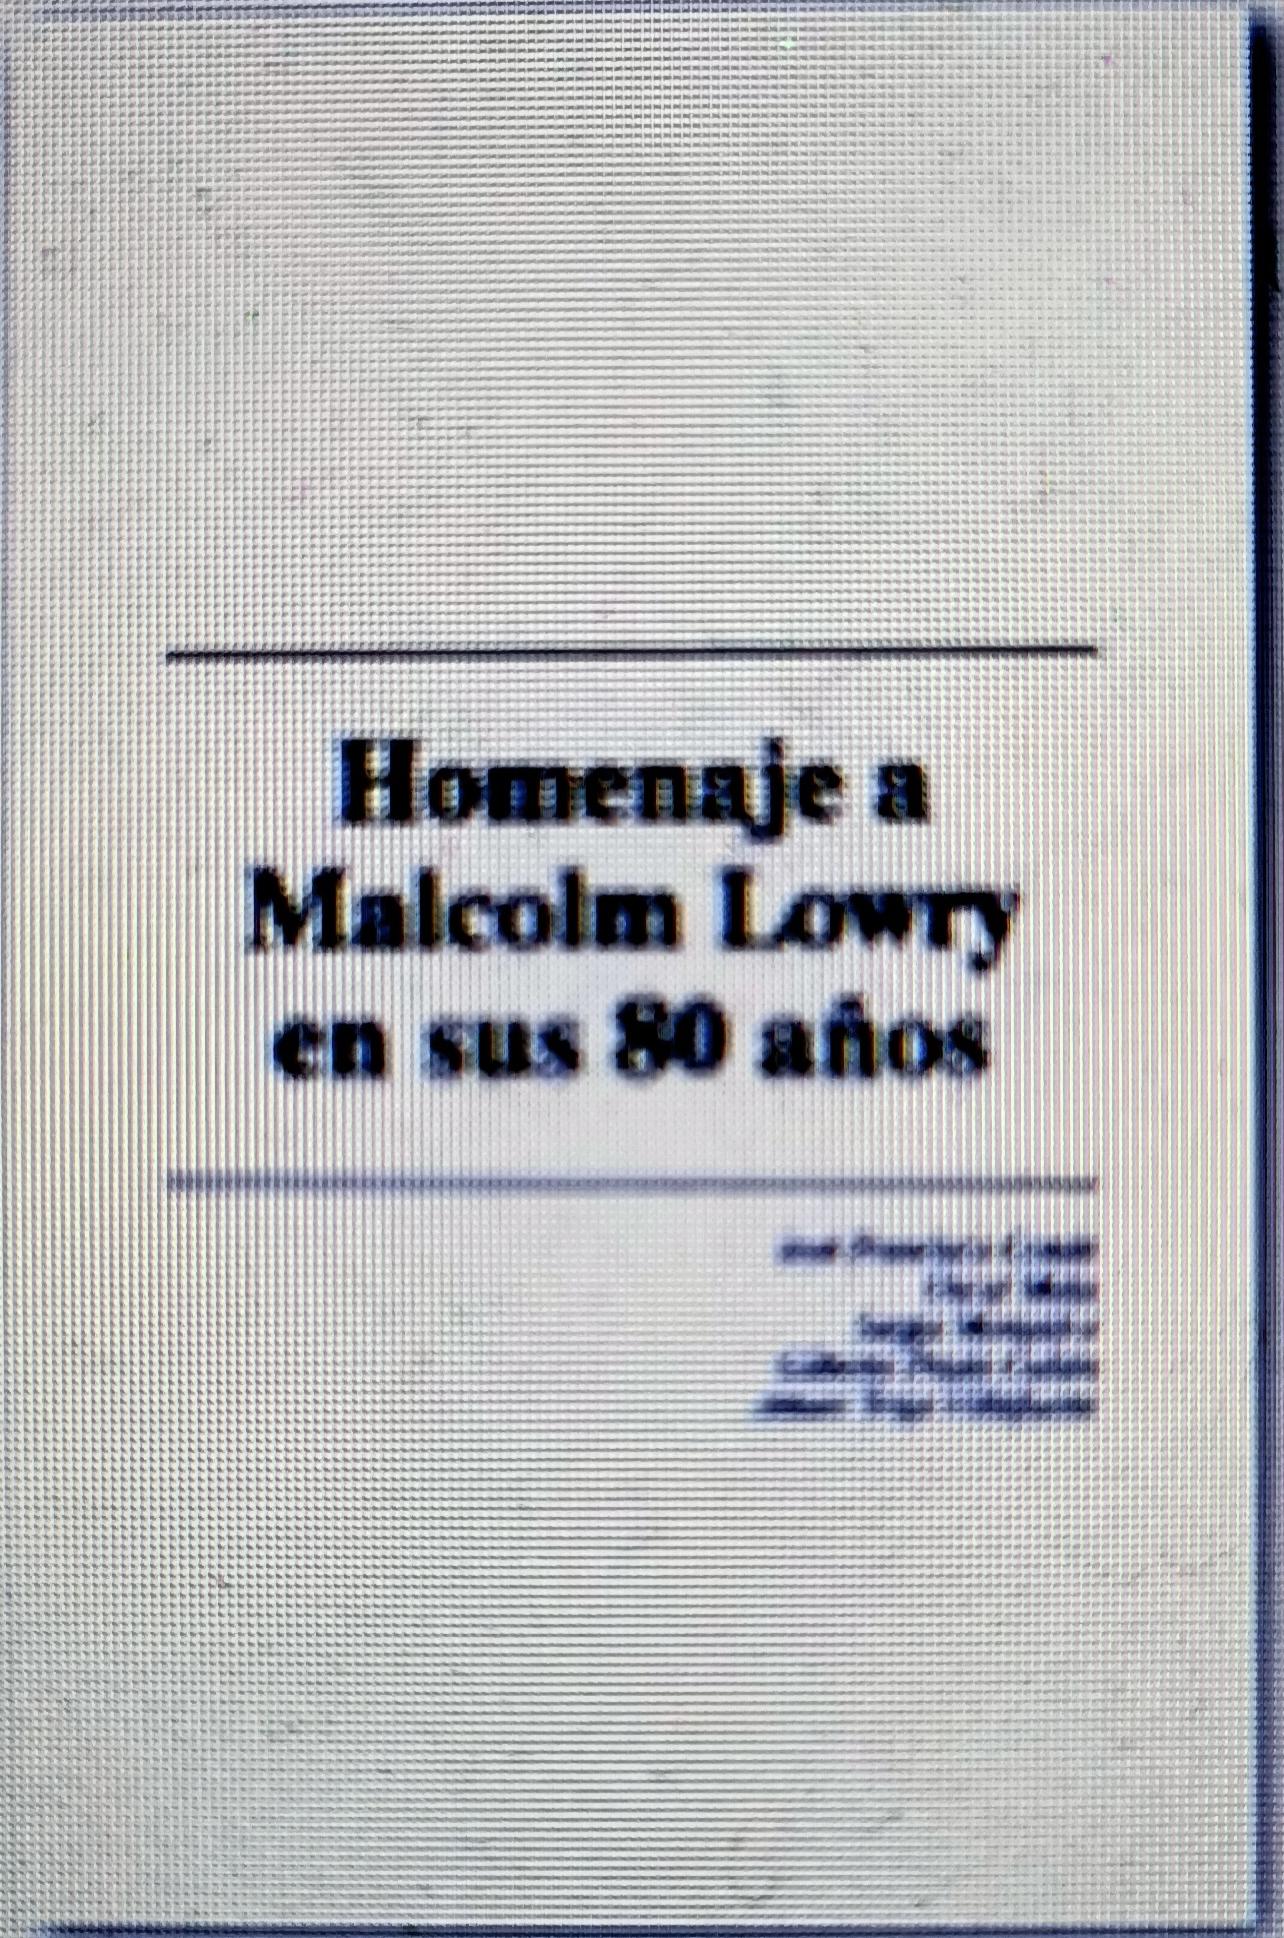 MALCOLM LOWRY (FOTO 1)